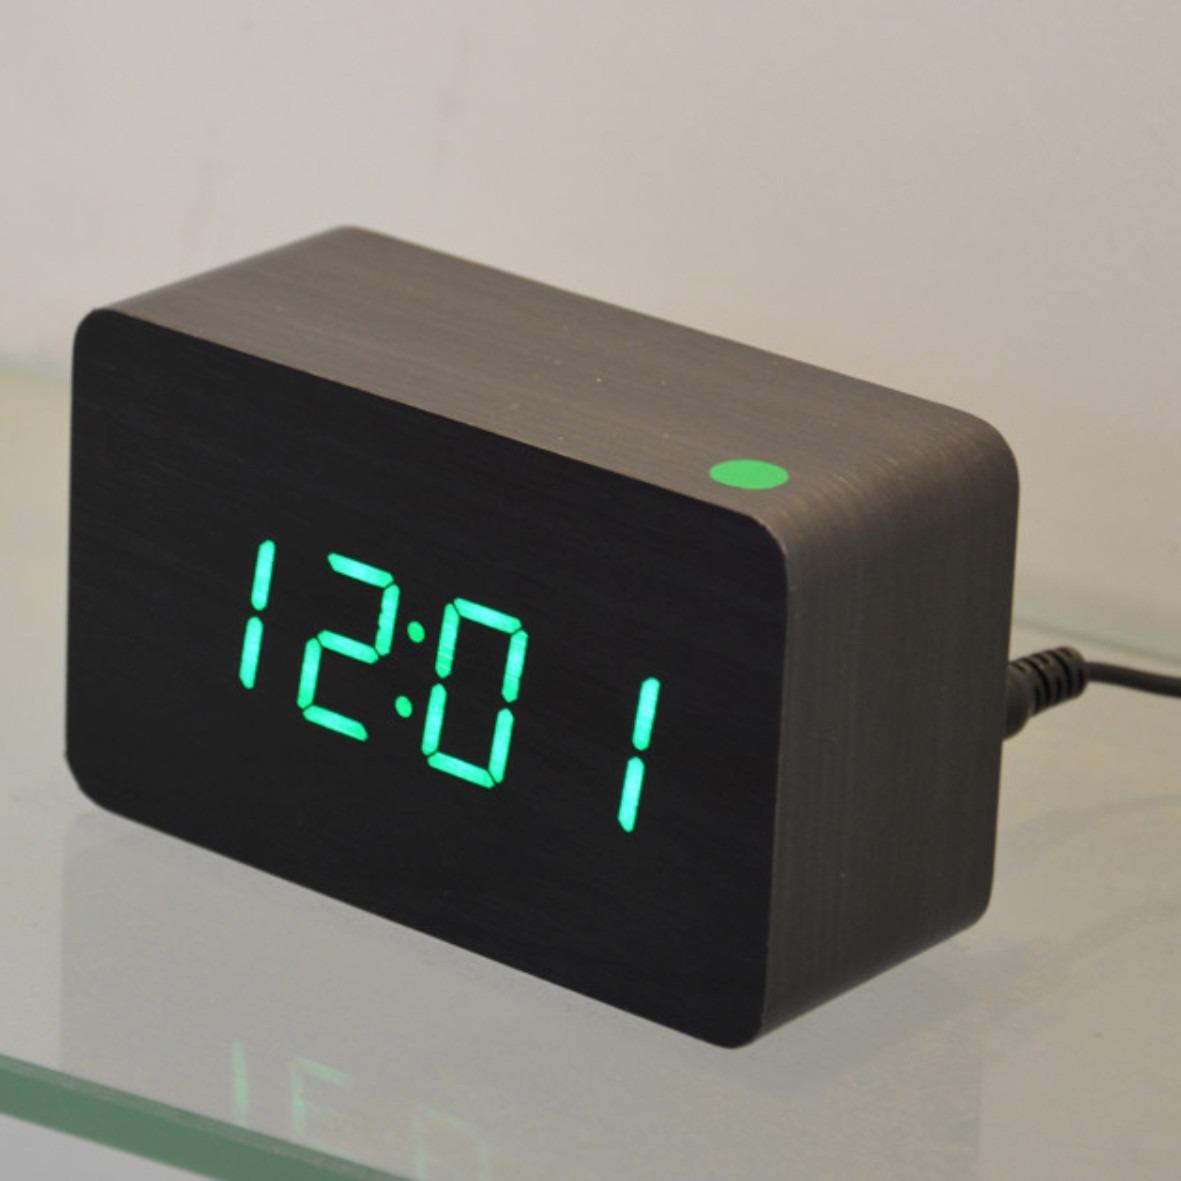 cdb3a217126 Relógio Mesa Madeira Digital Led Decoração Termômetro Preto - R  99 ...